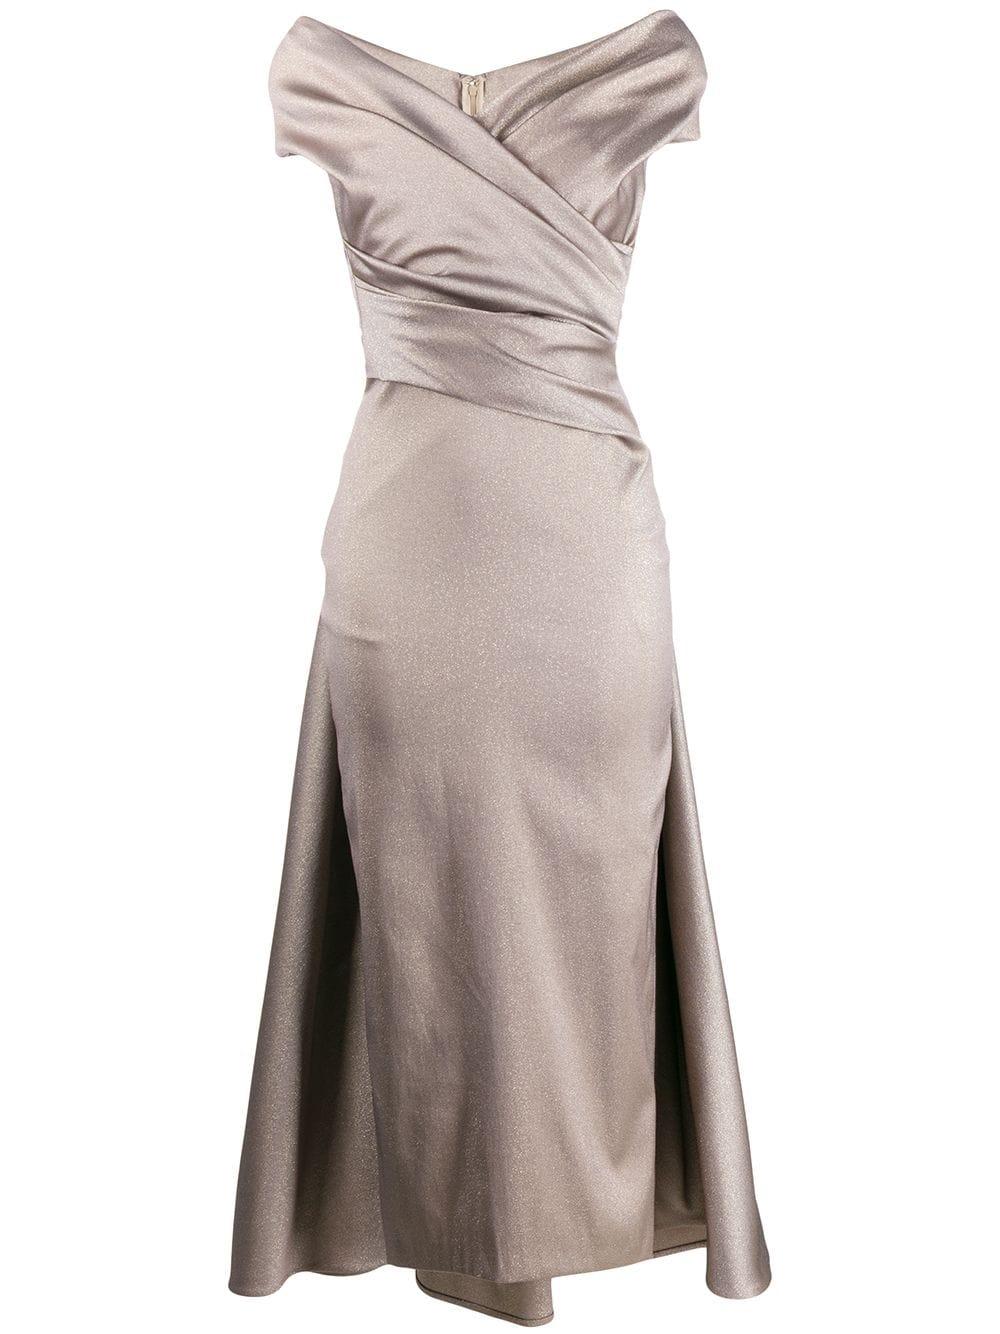 Talbot Runhof Tolsar Dress In Gold  ModeSens in 15  Dresses